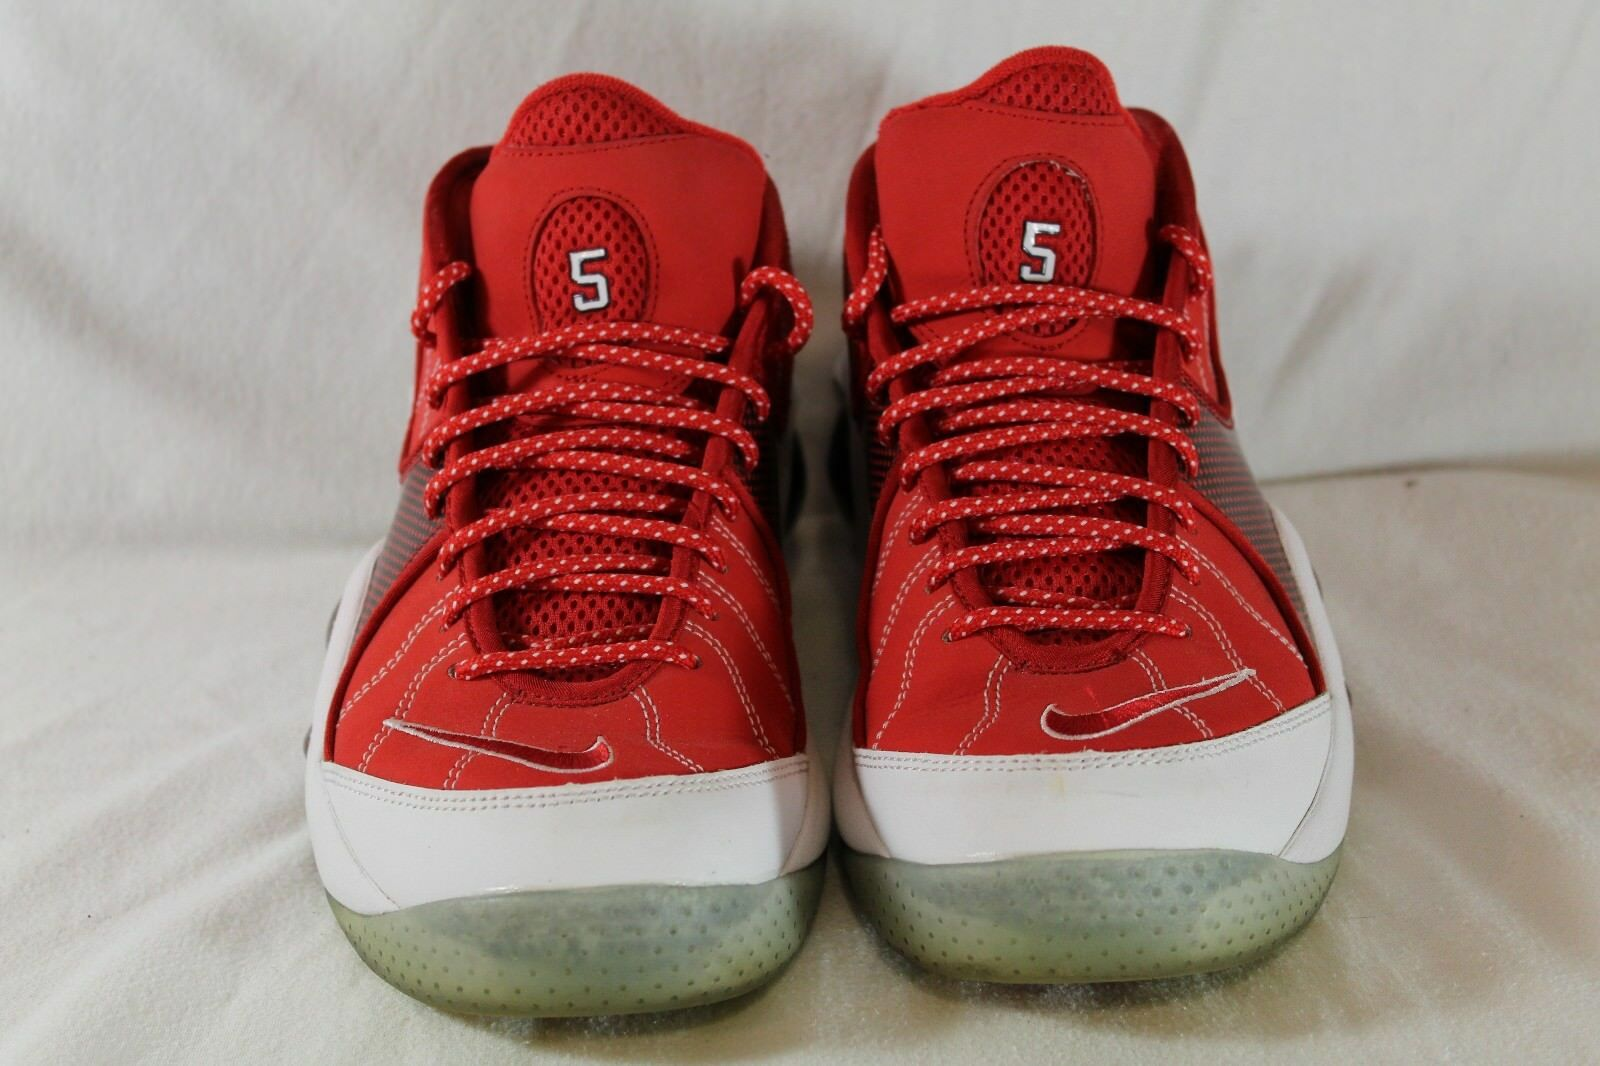 Nike Zoom Flight 95 Jason Kidd PE Nets Size 8.5 Pre-Owned 574724-600